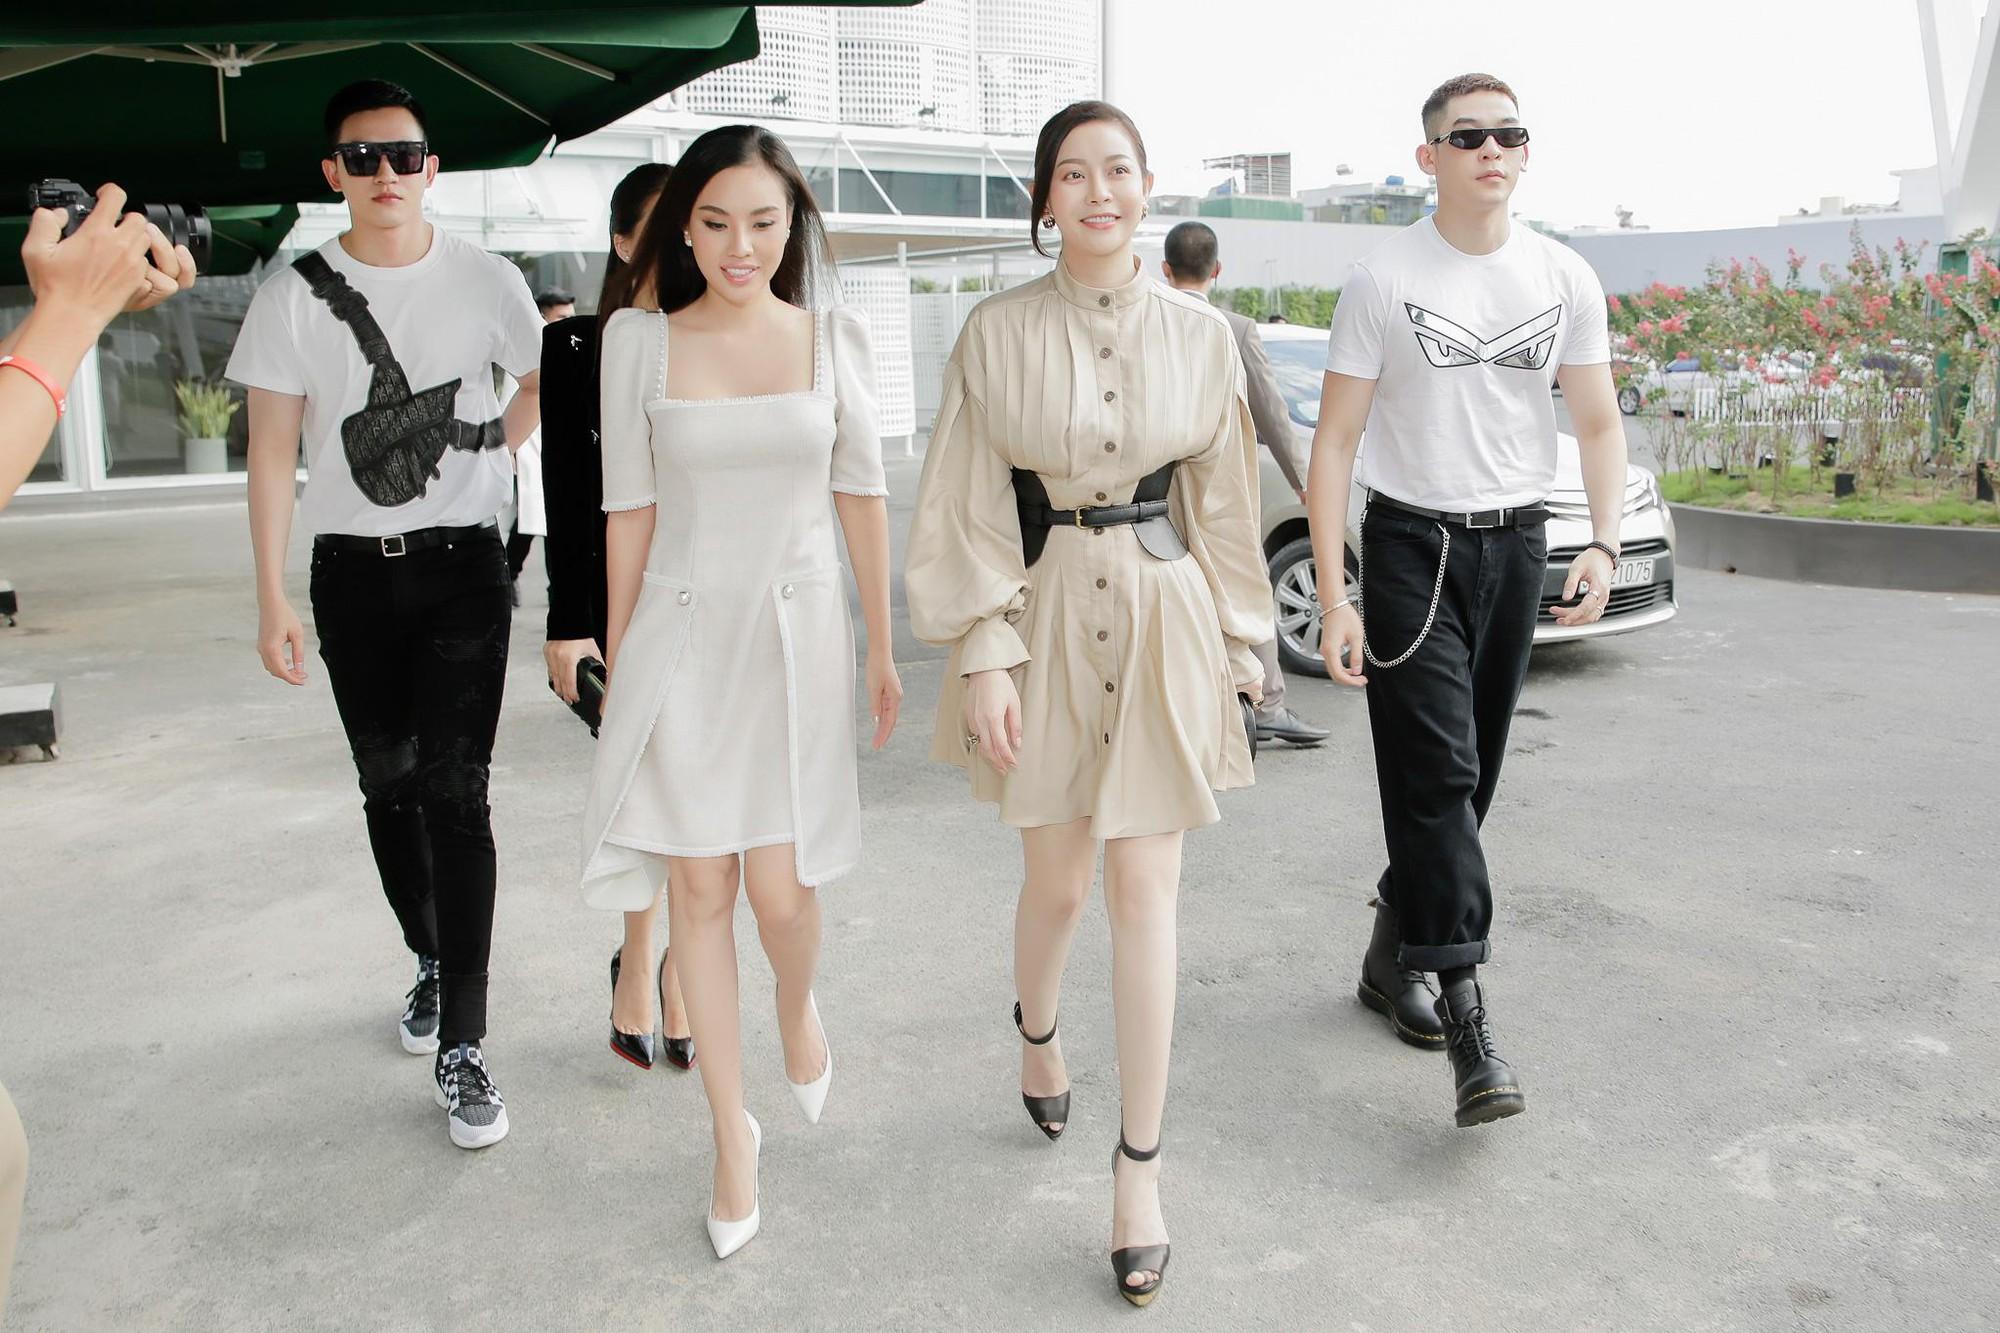 Hoa hậu Hải Dương được mỹ nam Minh Trung - Võ Cảnh tháp tùng, mua hơn nửa BST mới khi dự show của Chung Thanh Phong - Ảnh 2.